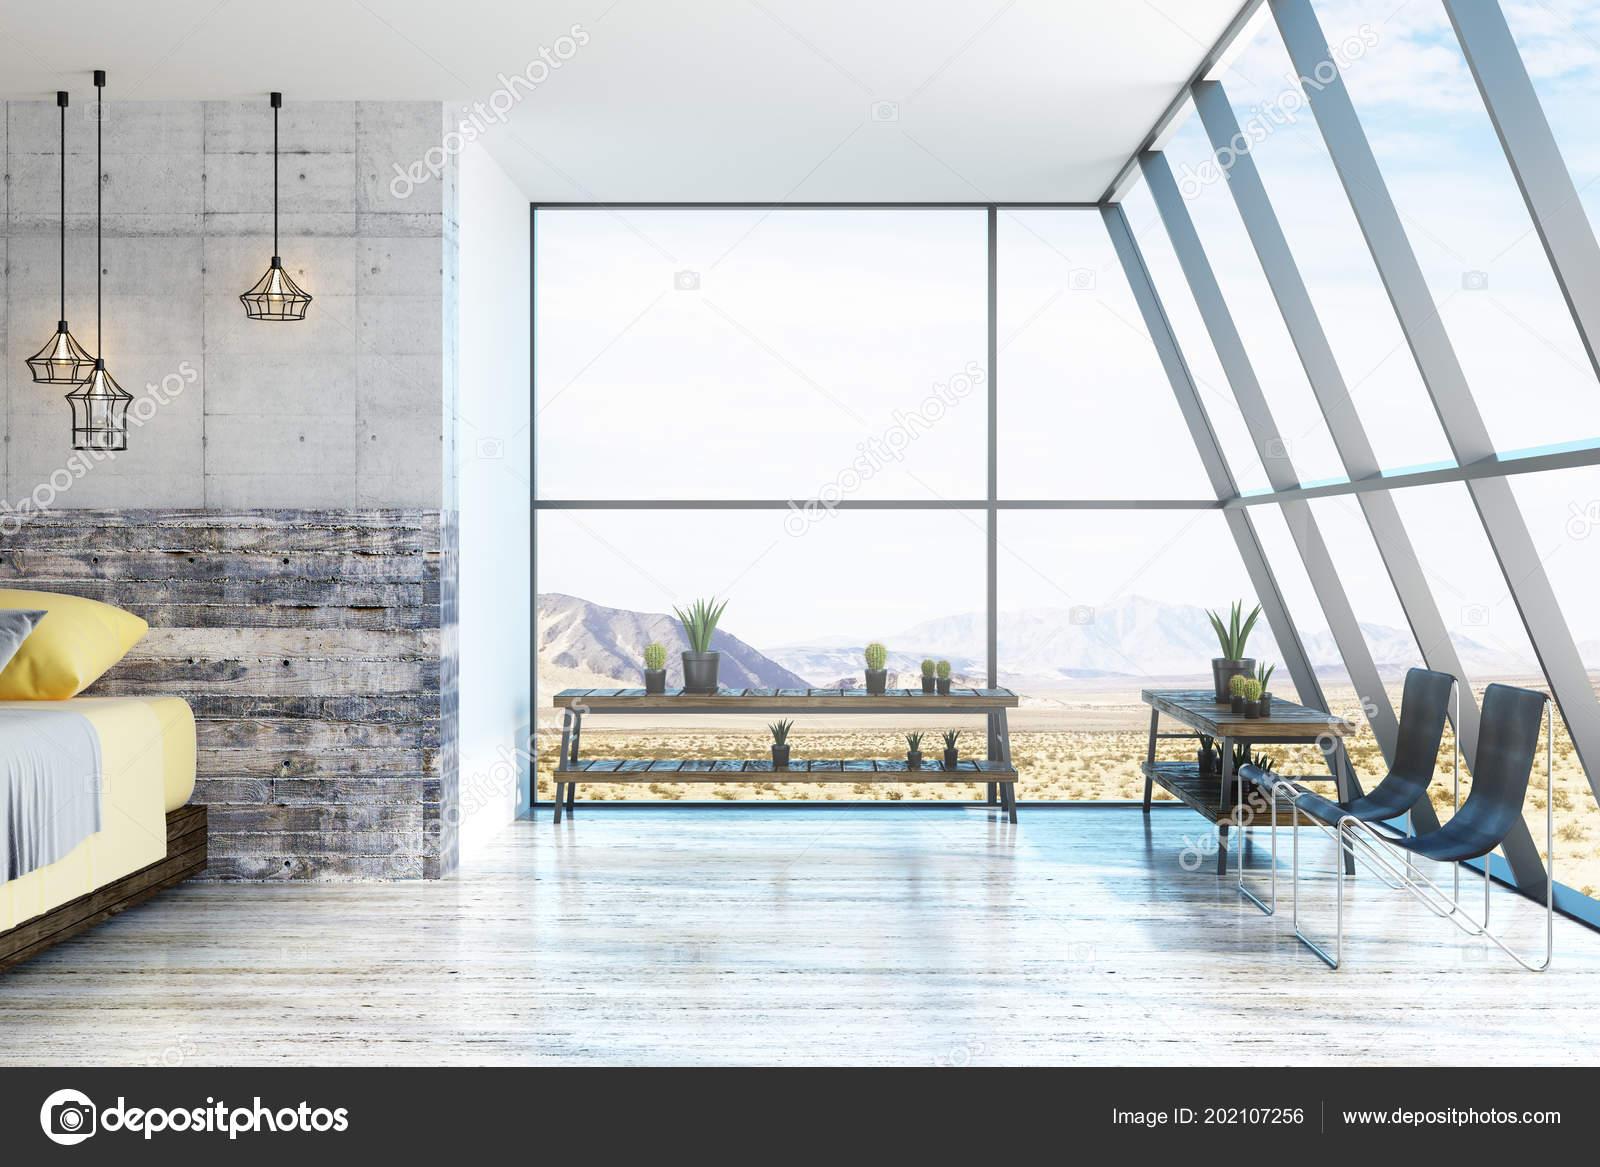 Natur Blick Aus Grossen Decke Zum Boden Fenster Innenraum Loft